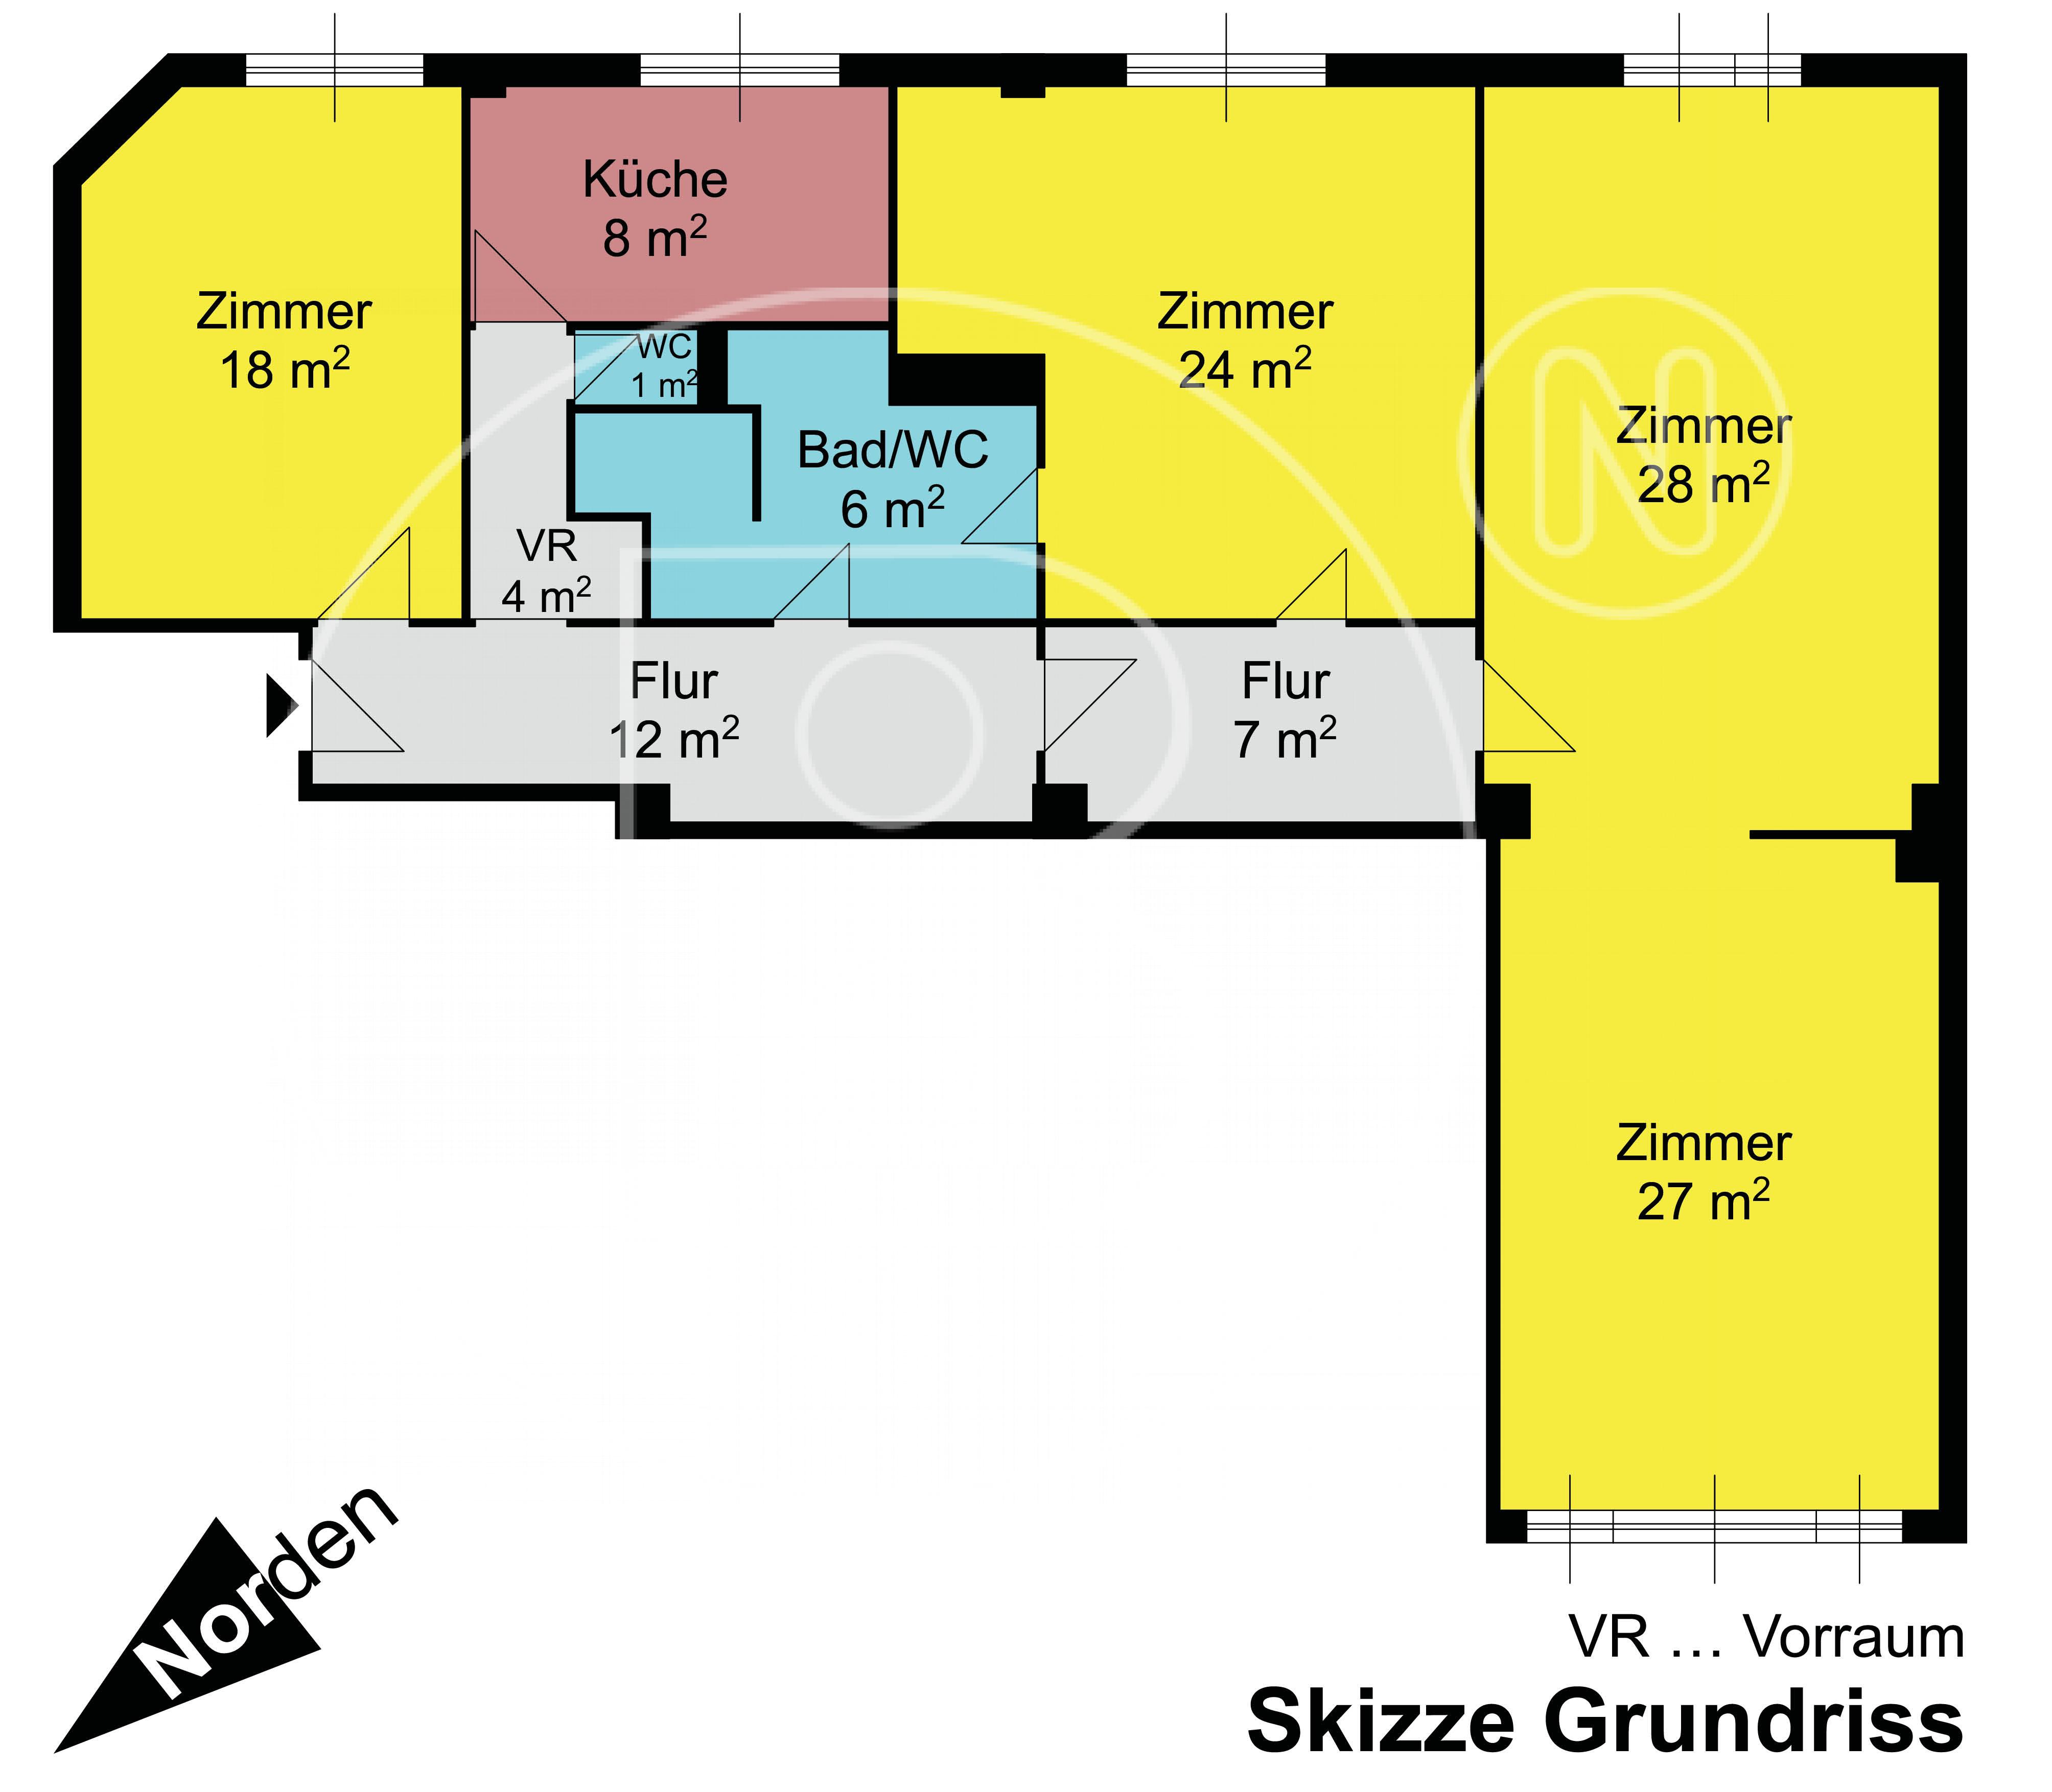 GRUNDRISS - Renovierungsbedürftiges Immobilienjuwel in perfekter Lage